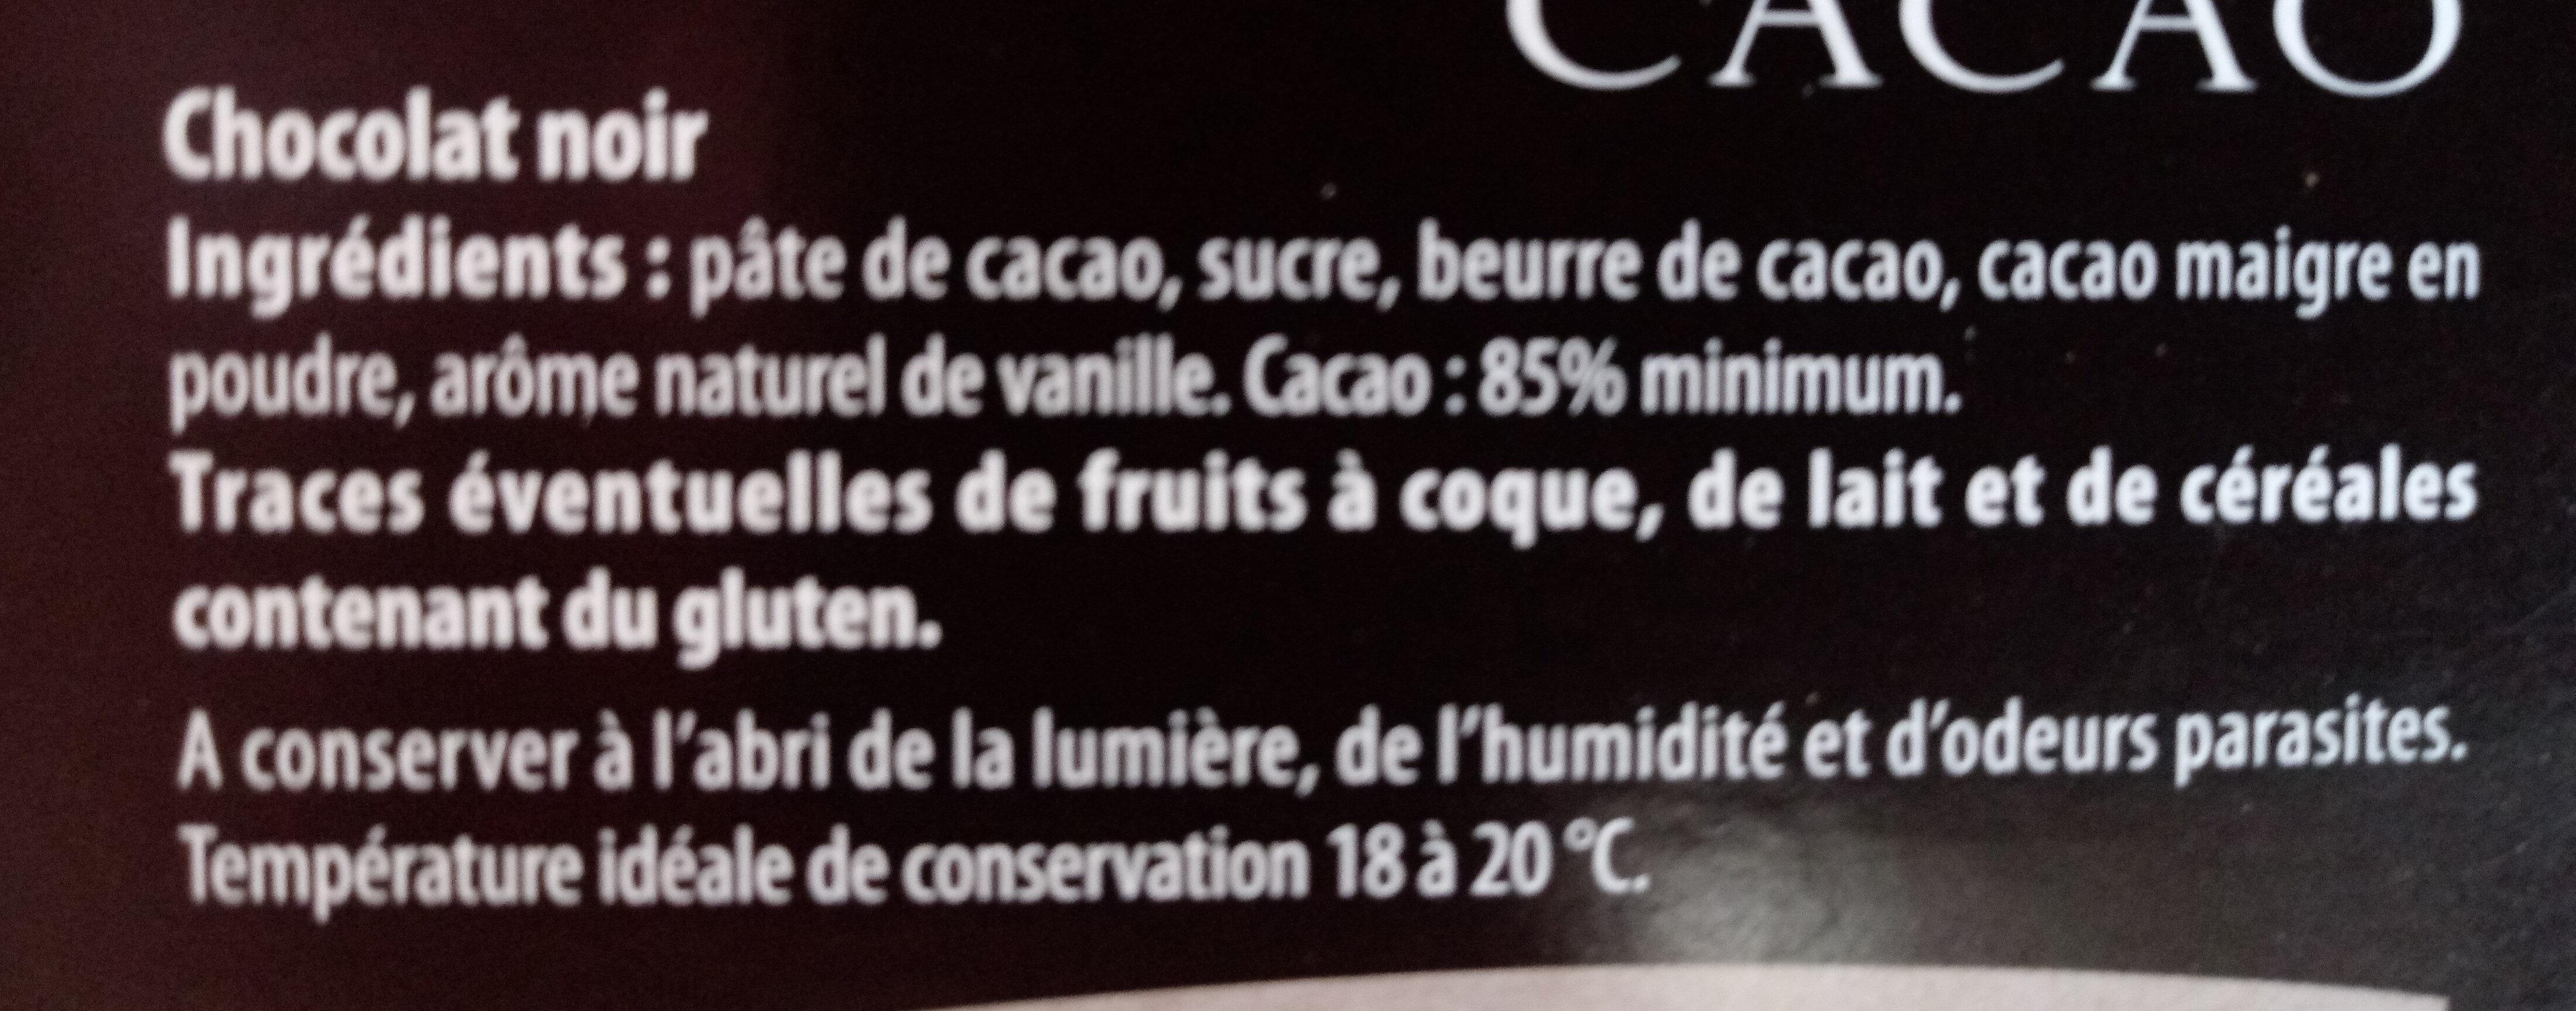 Chocolat noir - Ingrédients